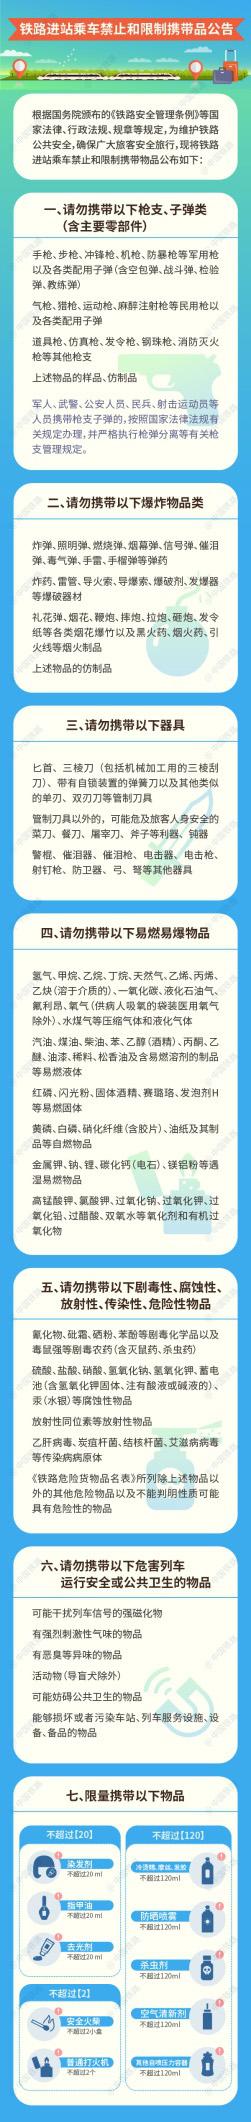 监制丨王姗姗 张鸥